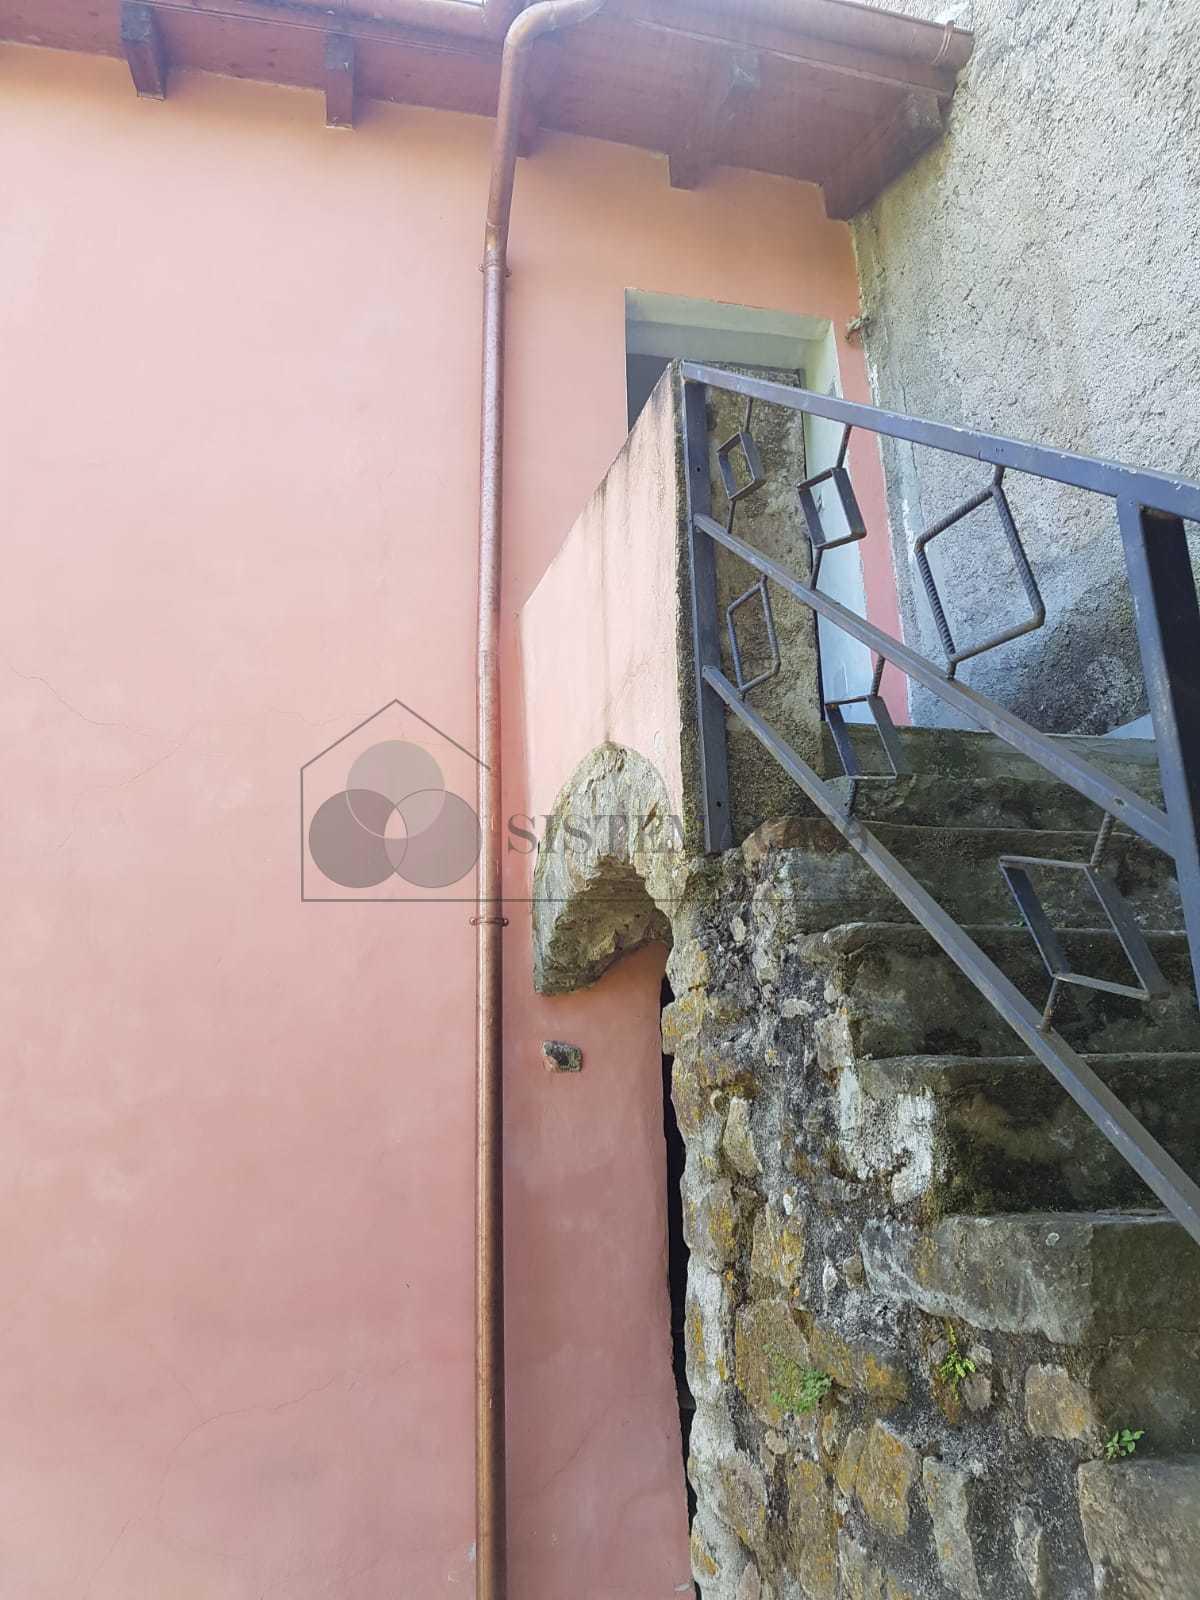 Vendita Semindipendente Porzione di casa a Follo,  (SP) - F238